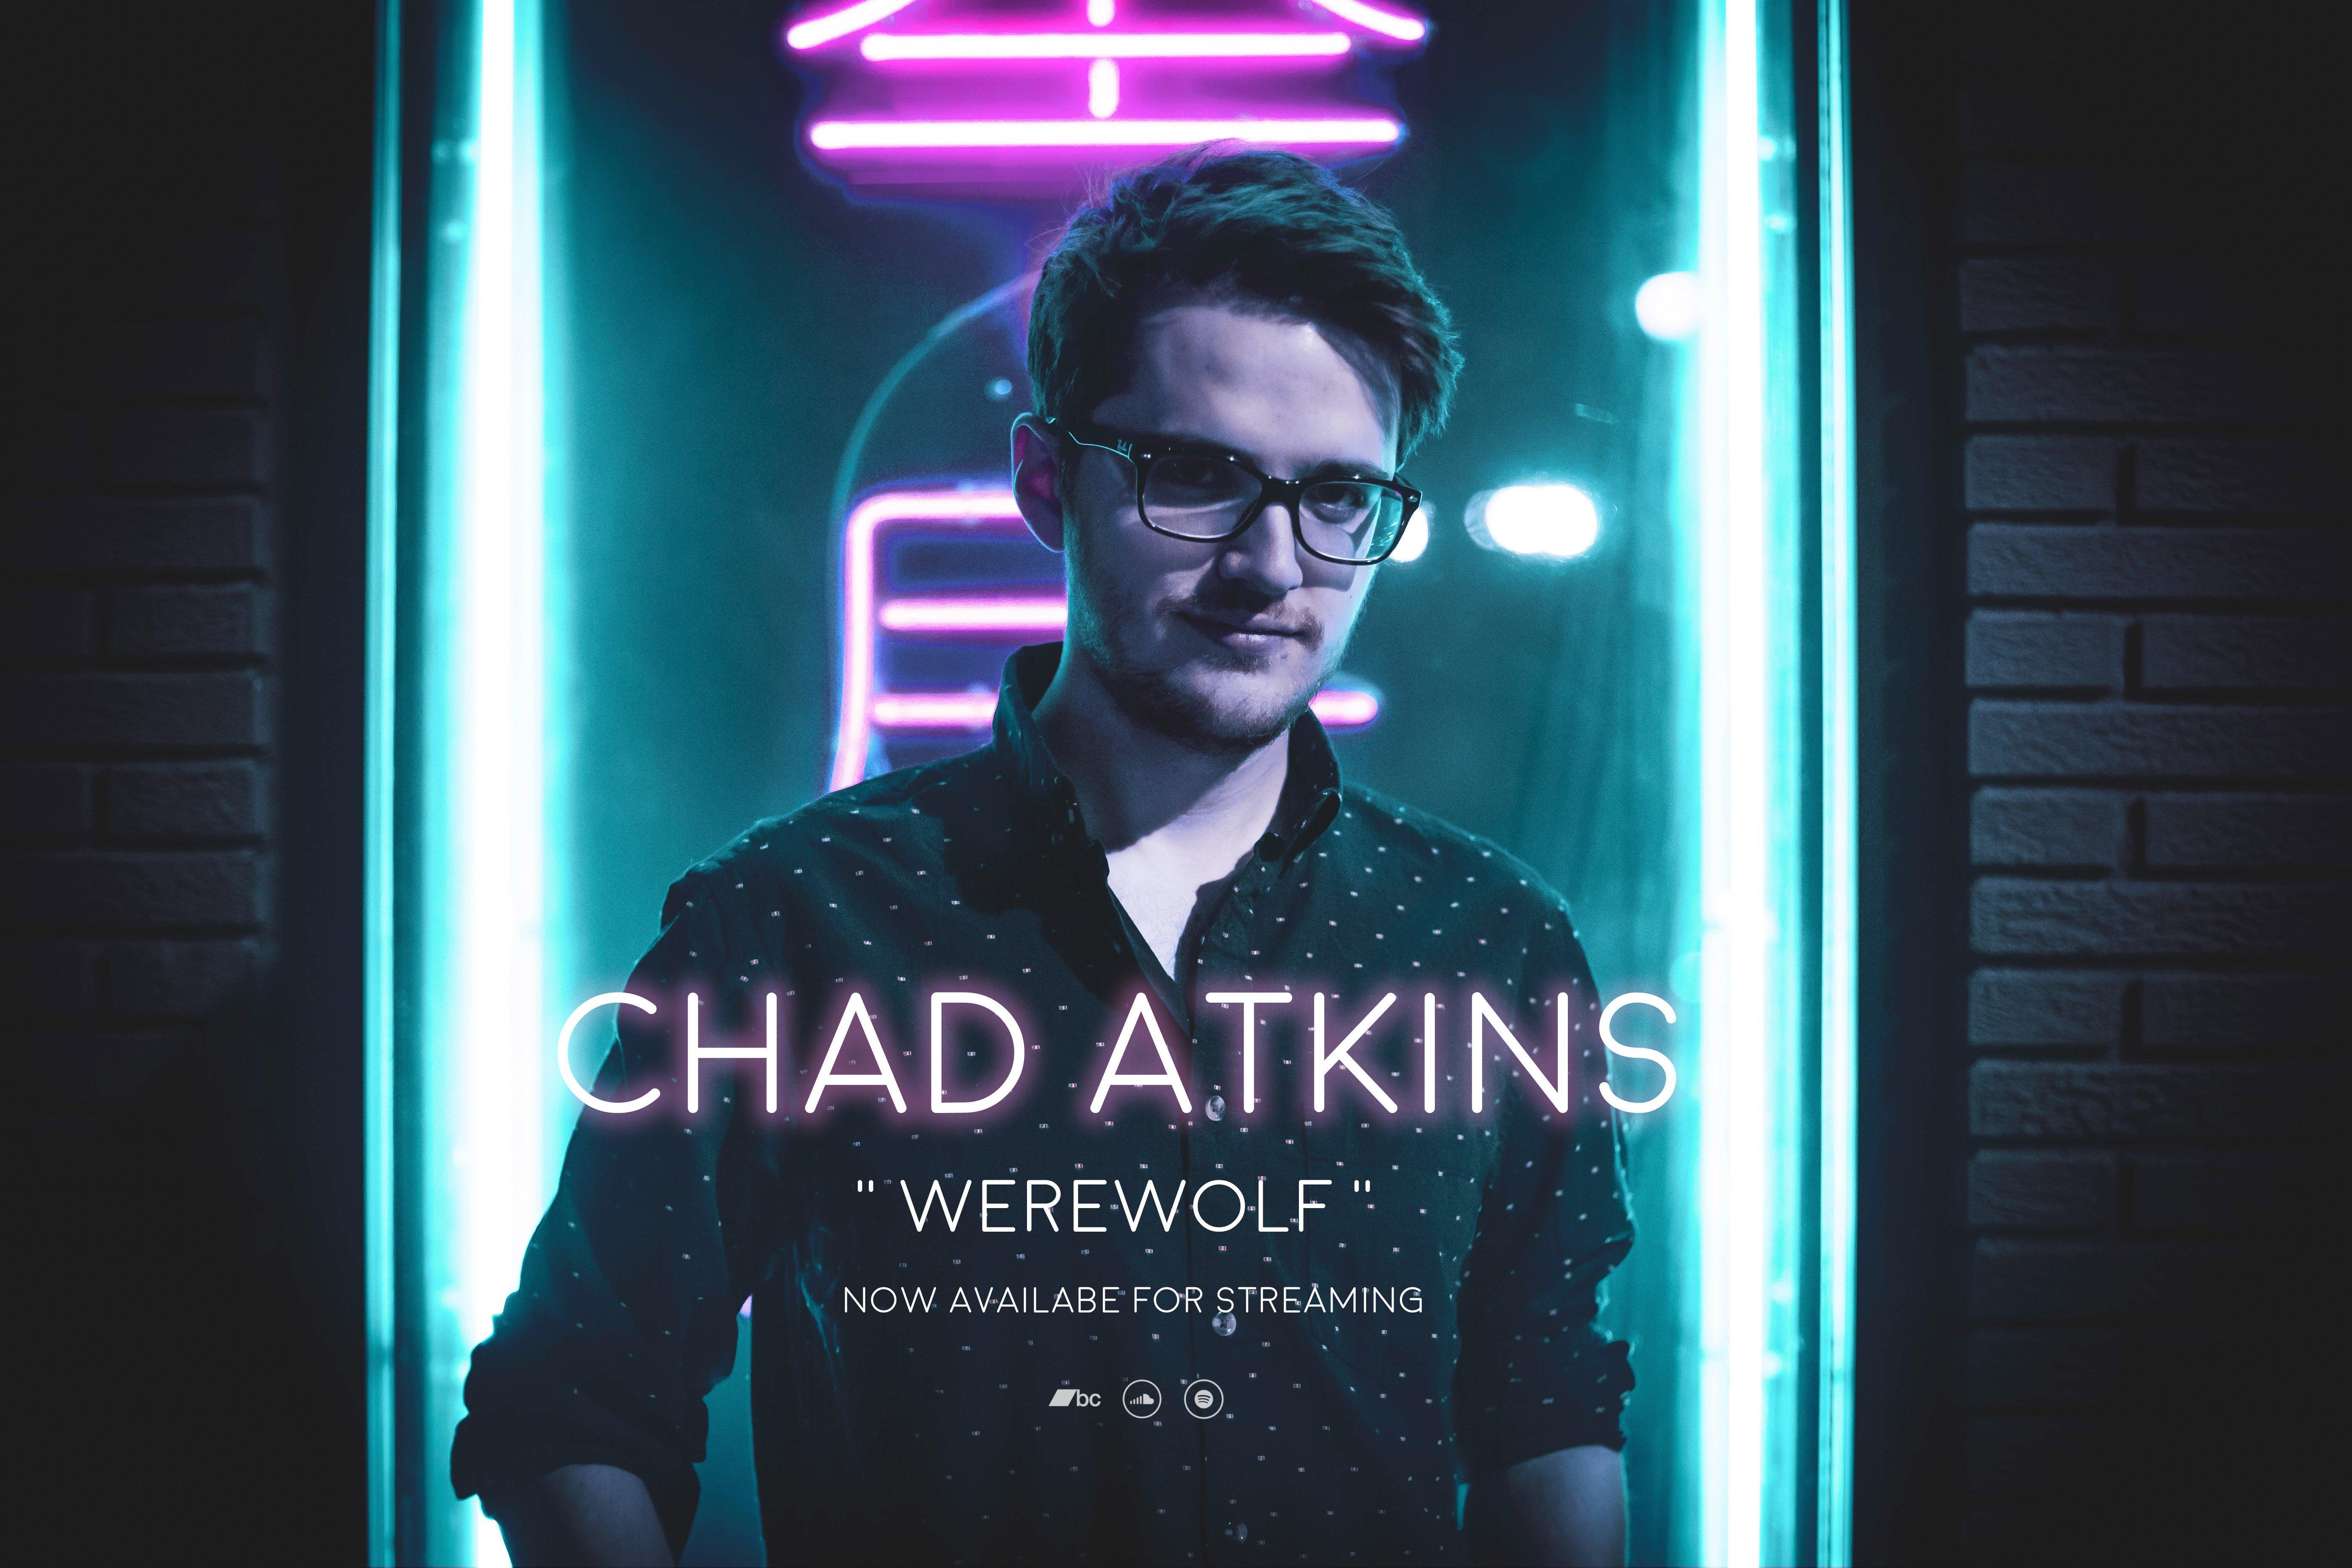 chad-atkins-werewolf